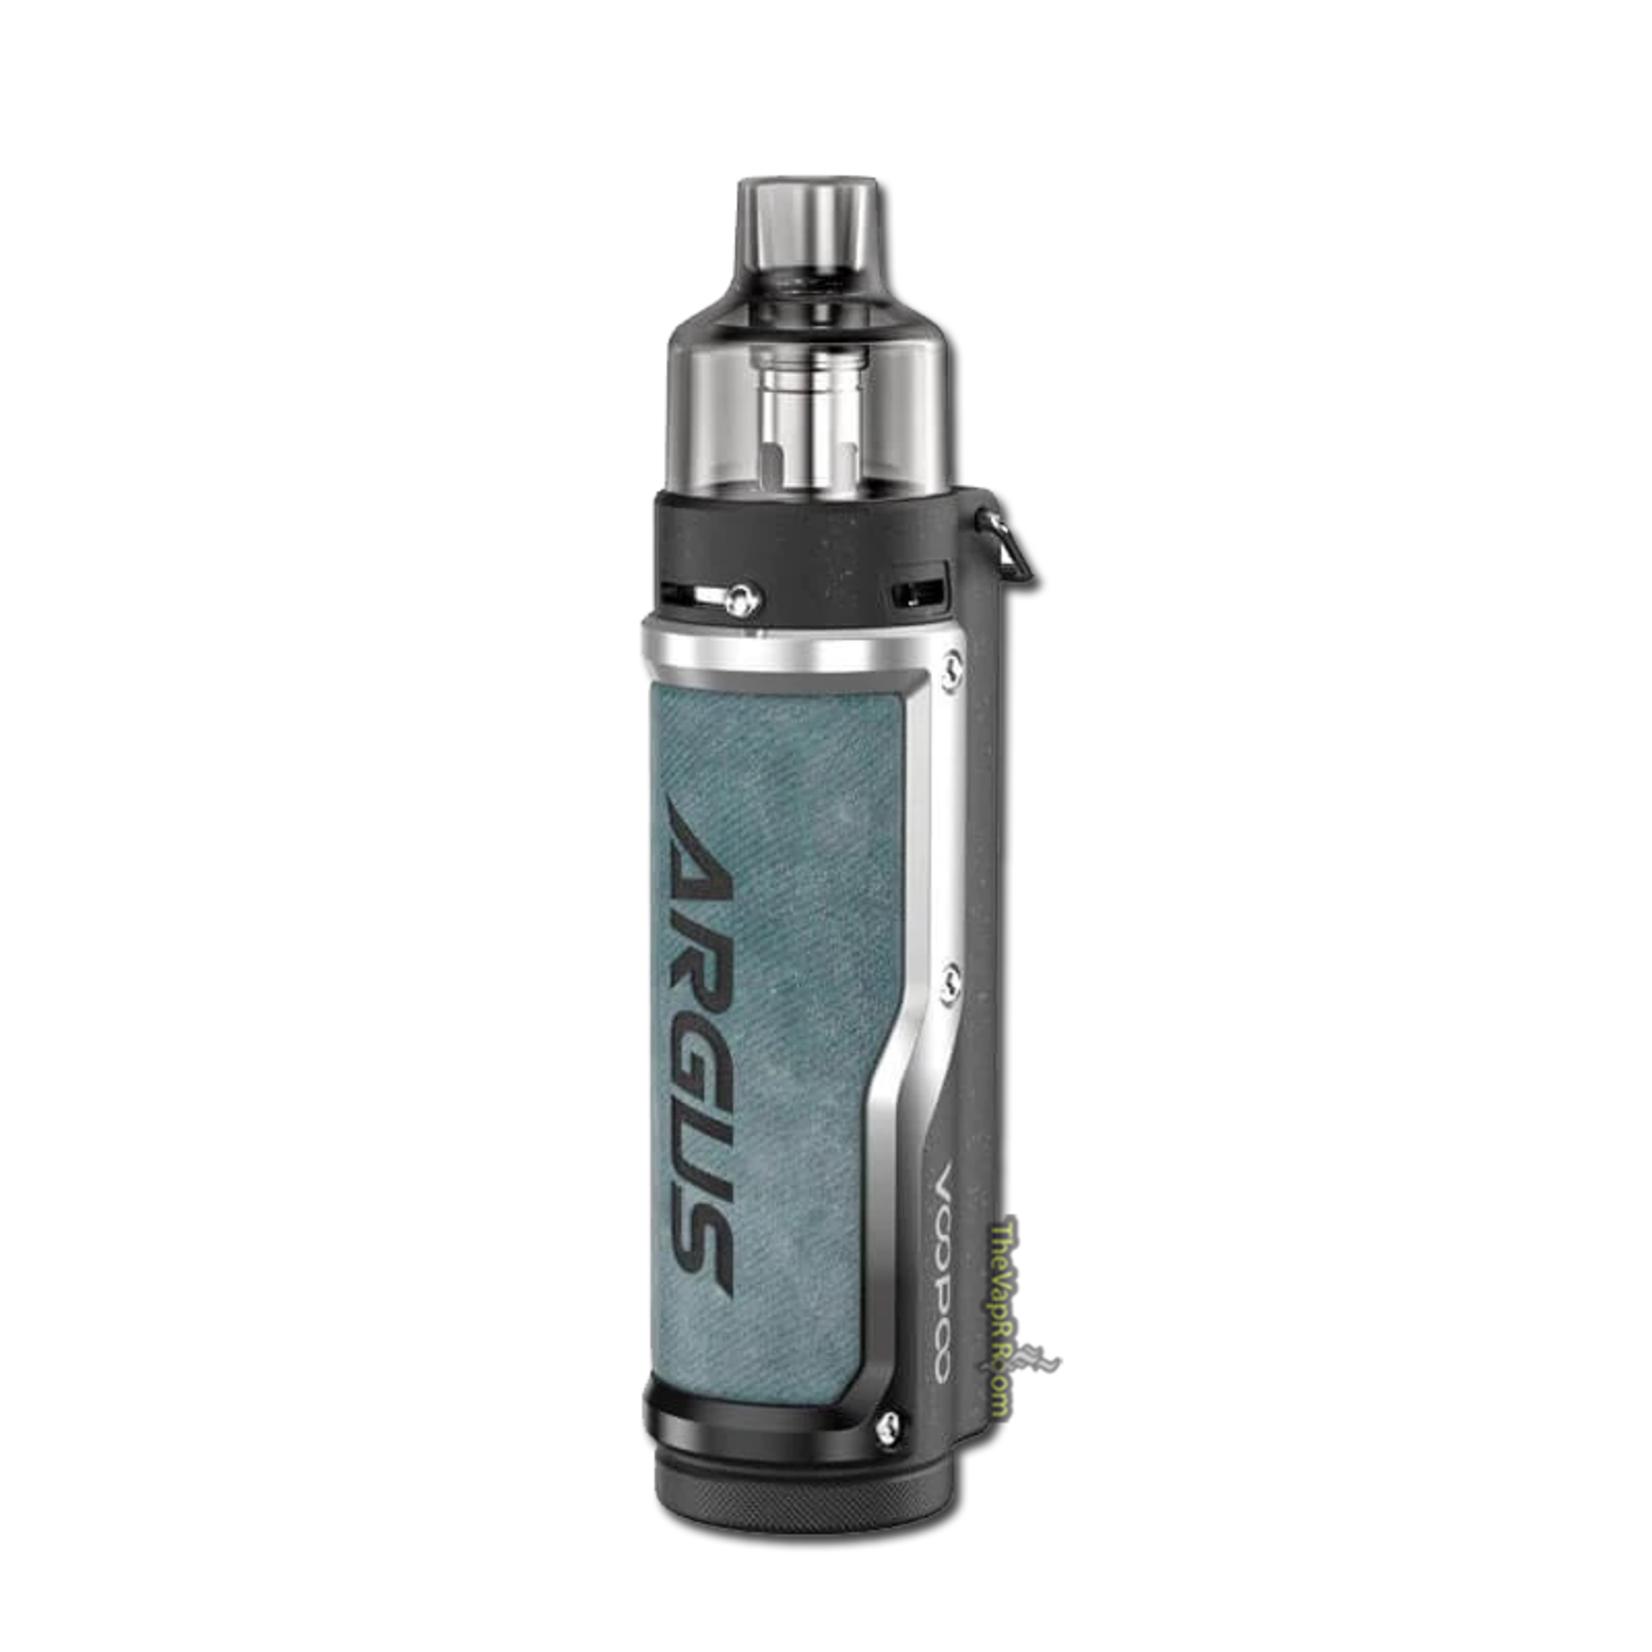 Argus Pro 80W